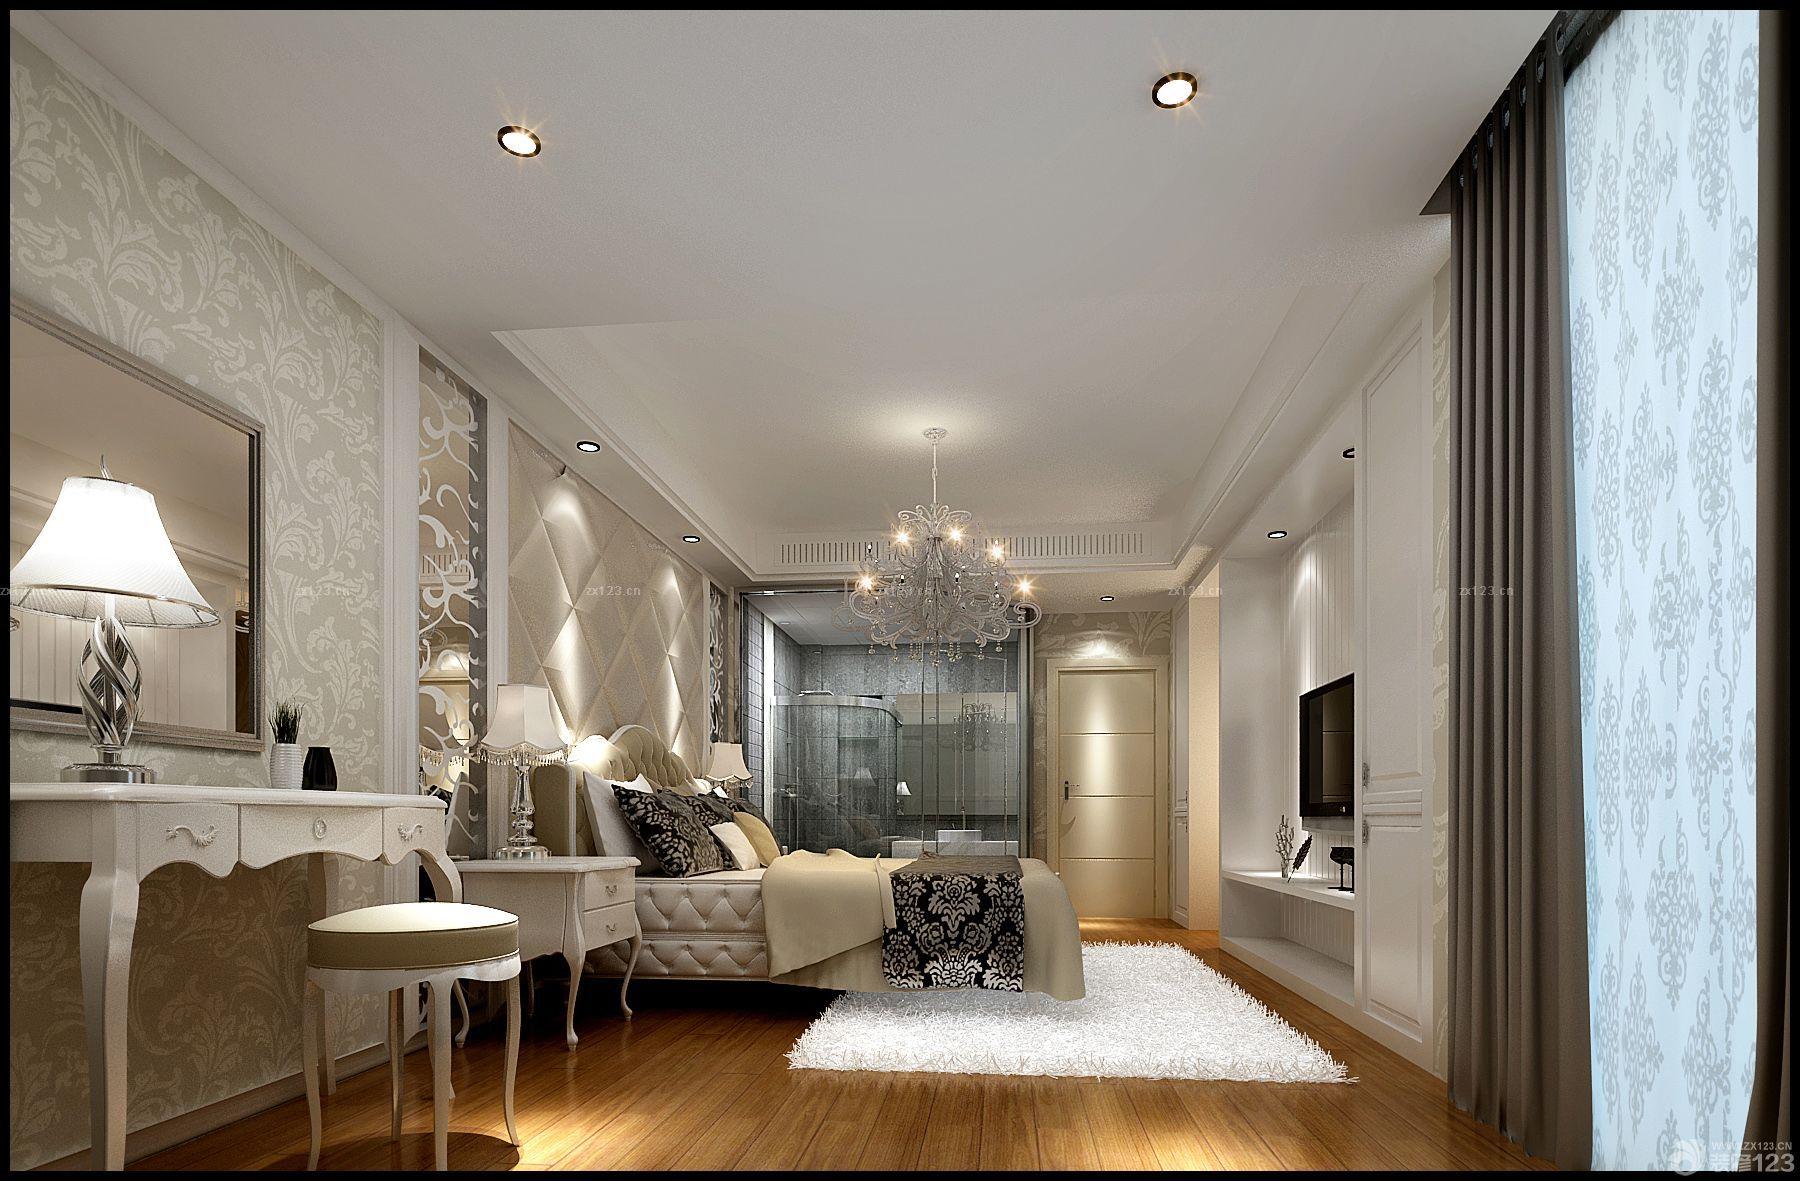 20平米卧室天花板吊顶室内简约吊灯装修图